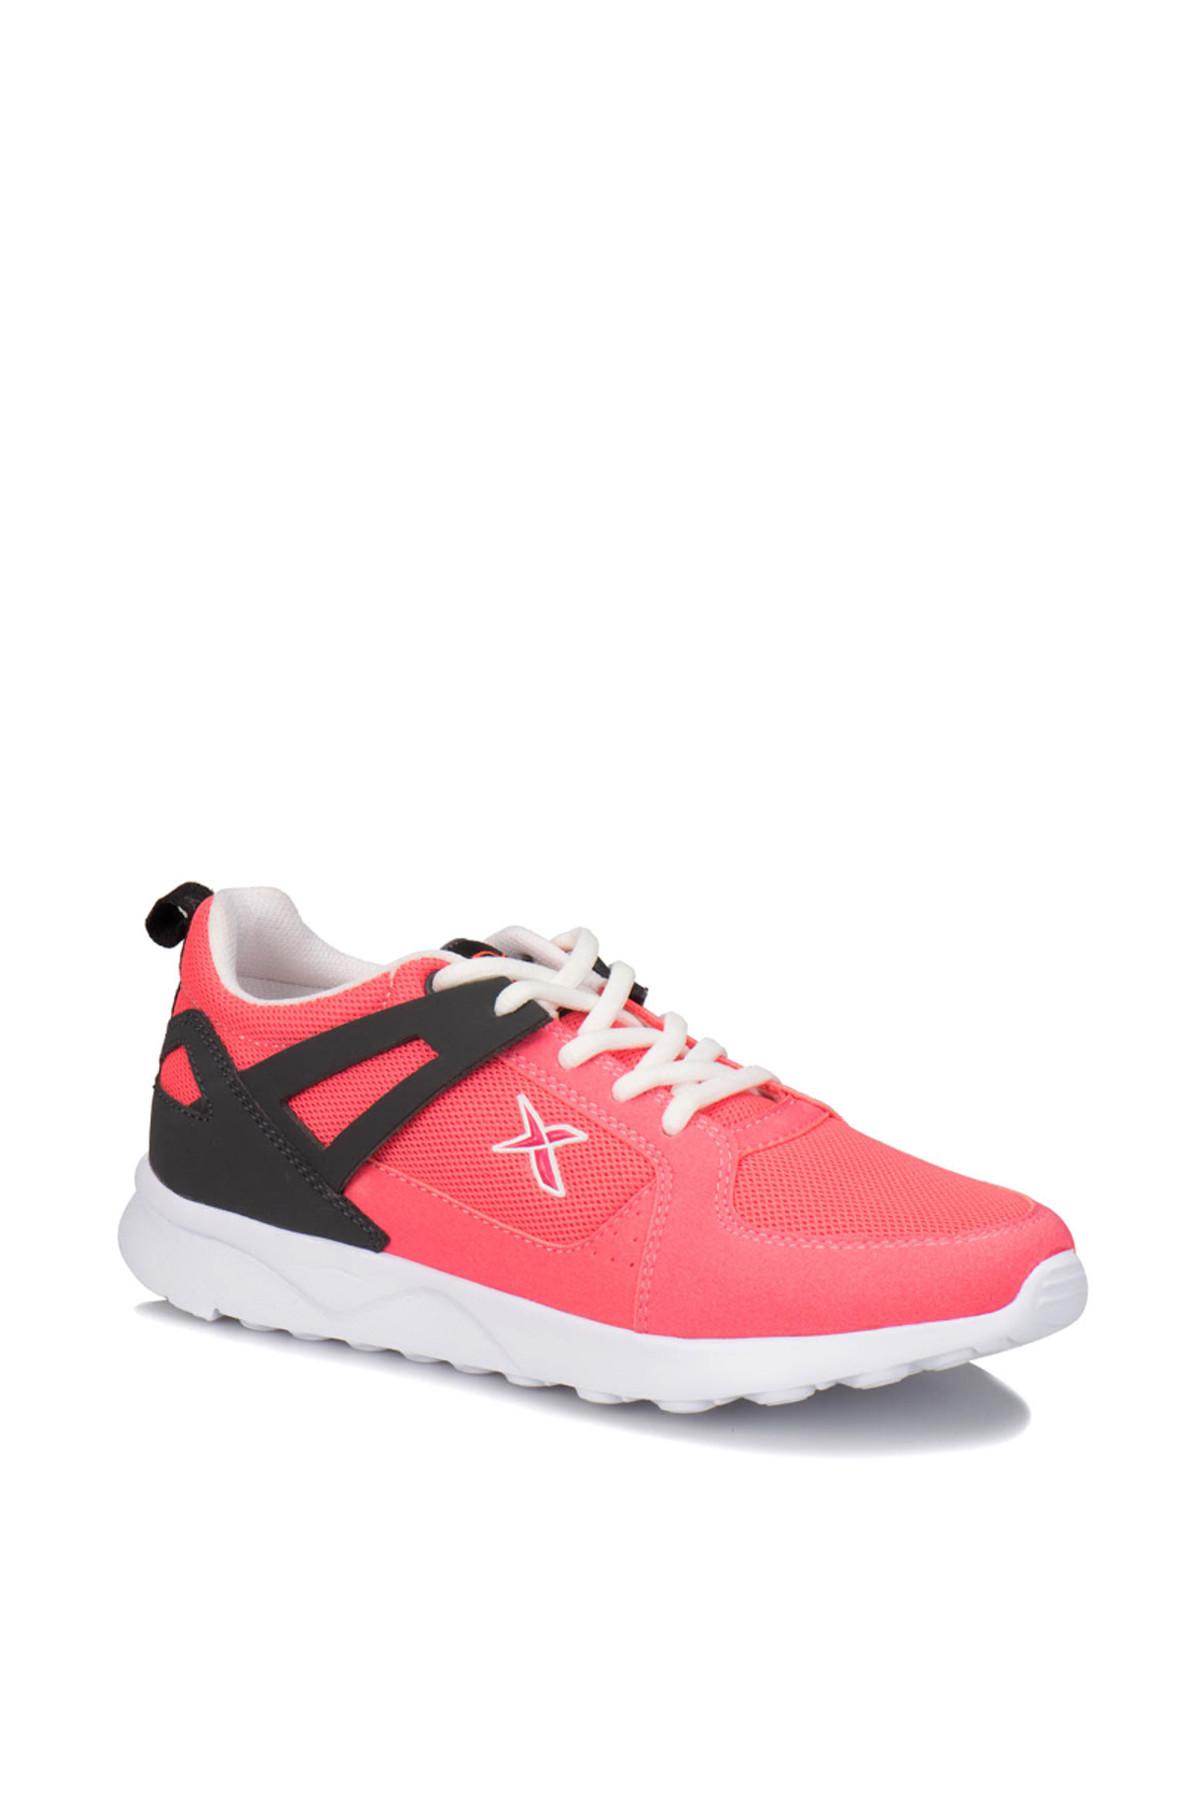 Kinetix VINO Neon Pembe Koyu Gri Kadın Sneaker 100243331 1